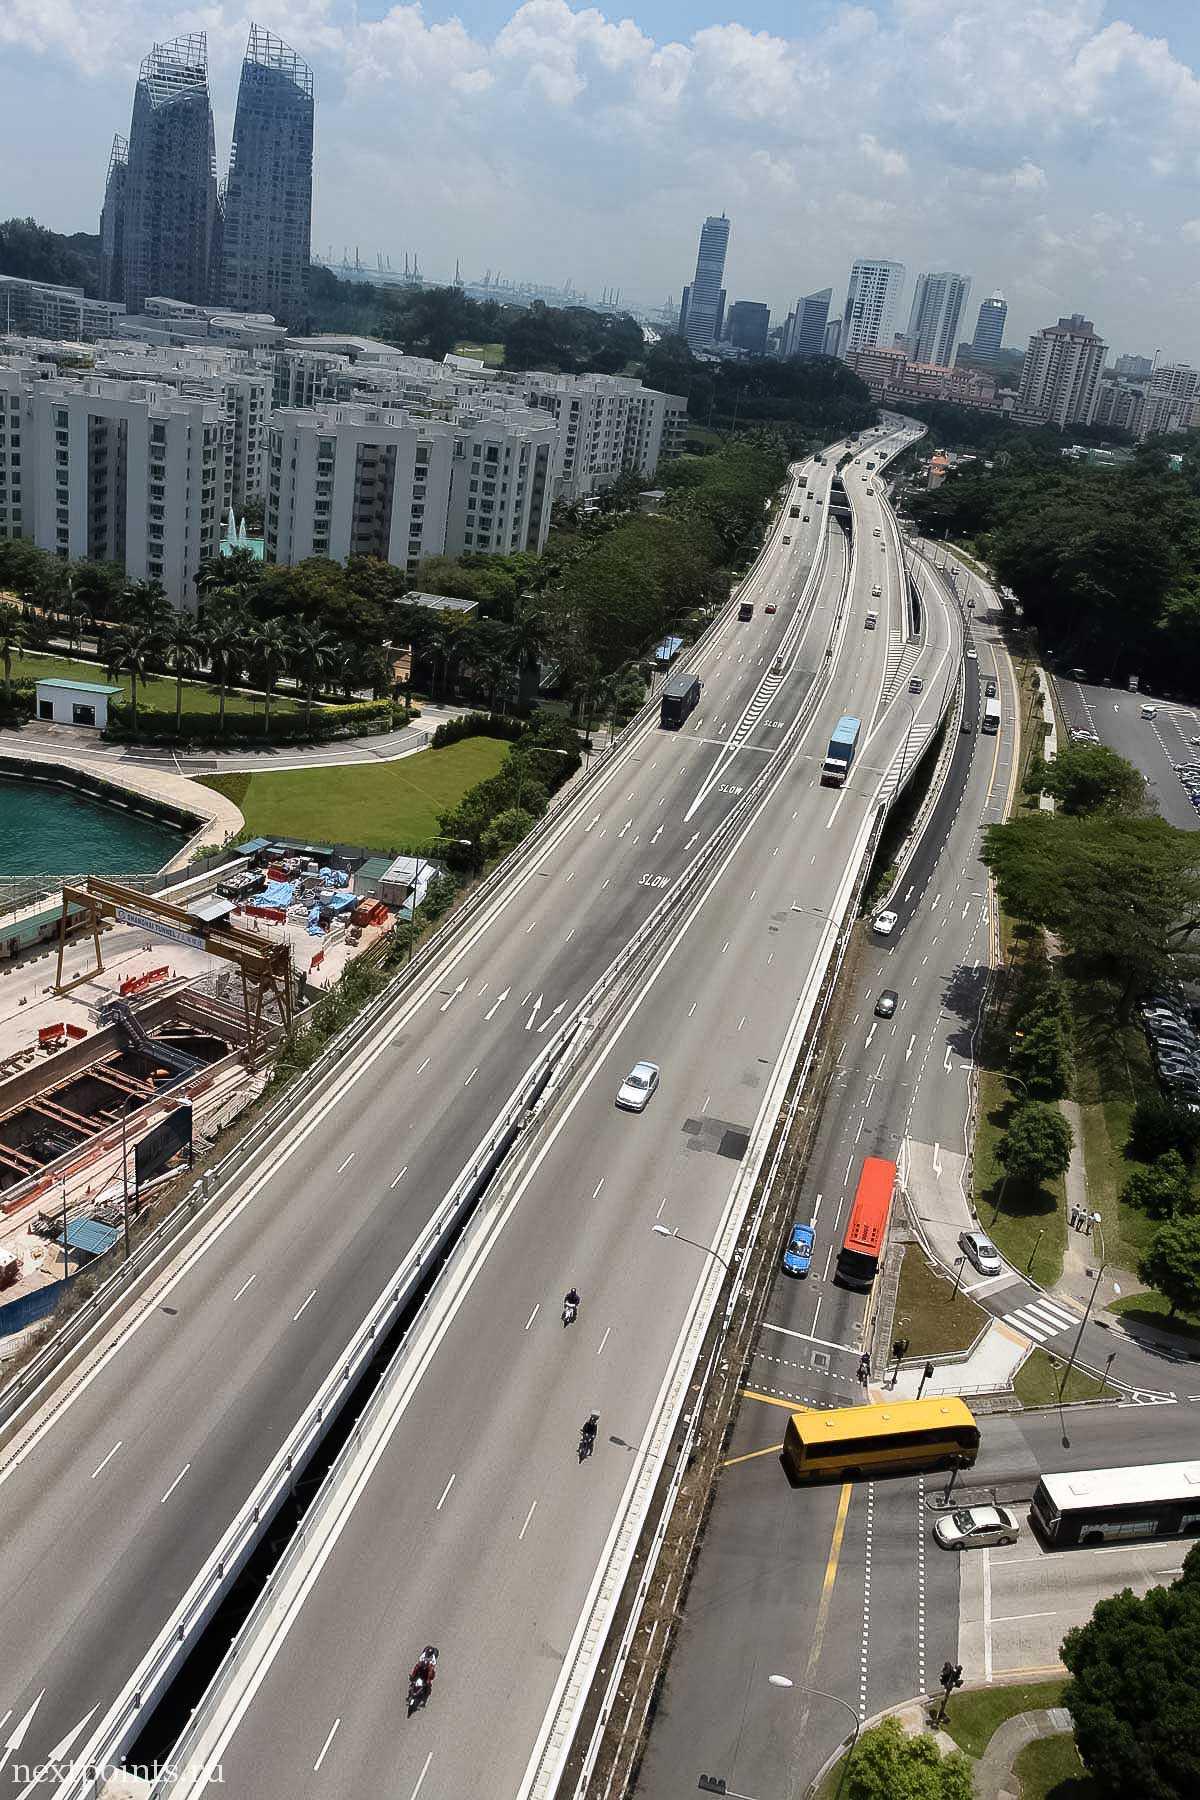 Внизу открываются шикарные виды на аккуратный Сингапур. Настолько аккуратный, что даже их стройка выглядит очень эстетично.